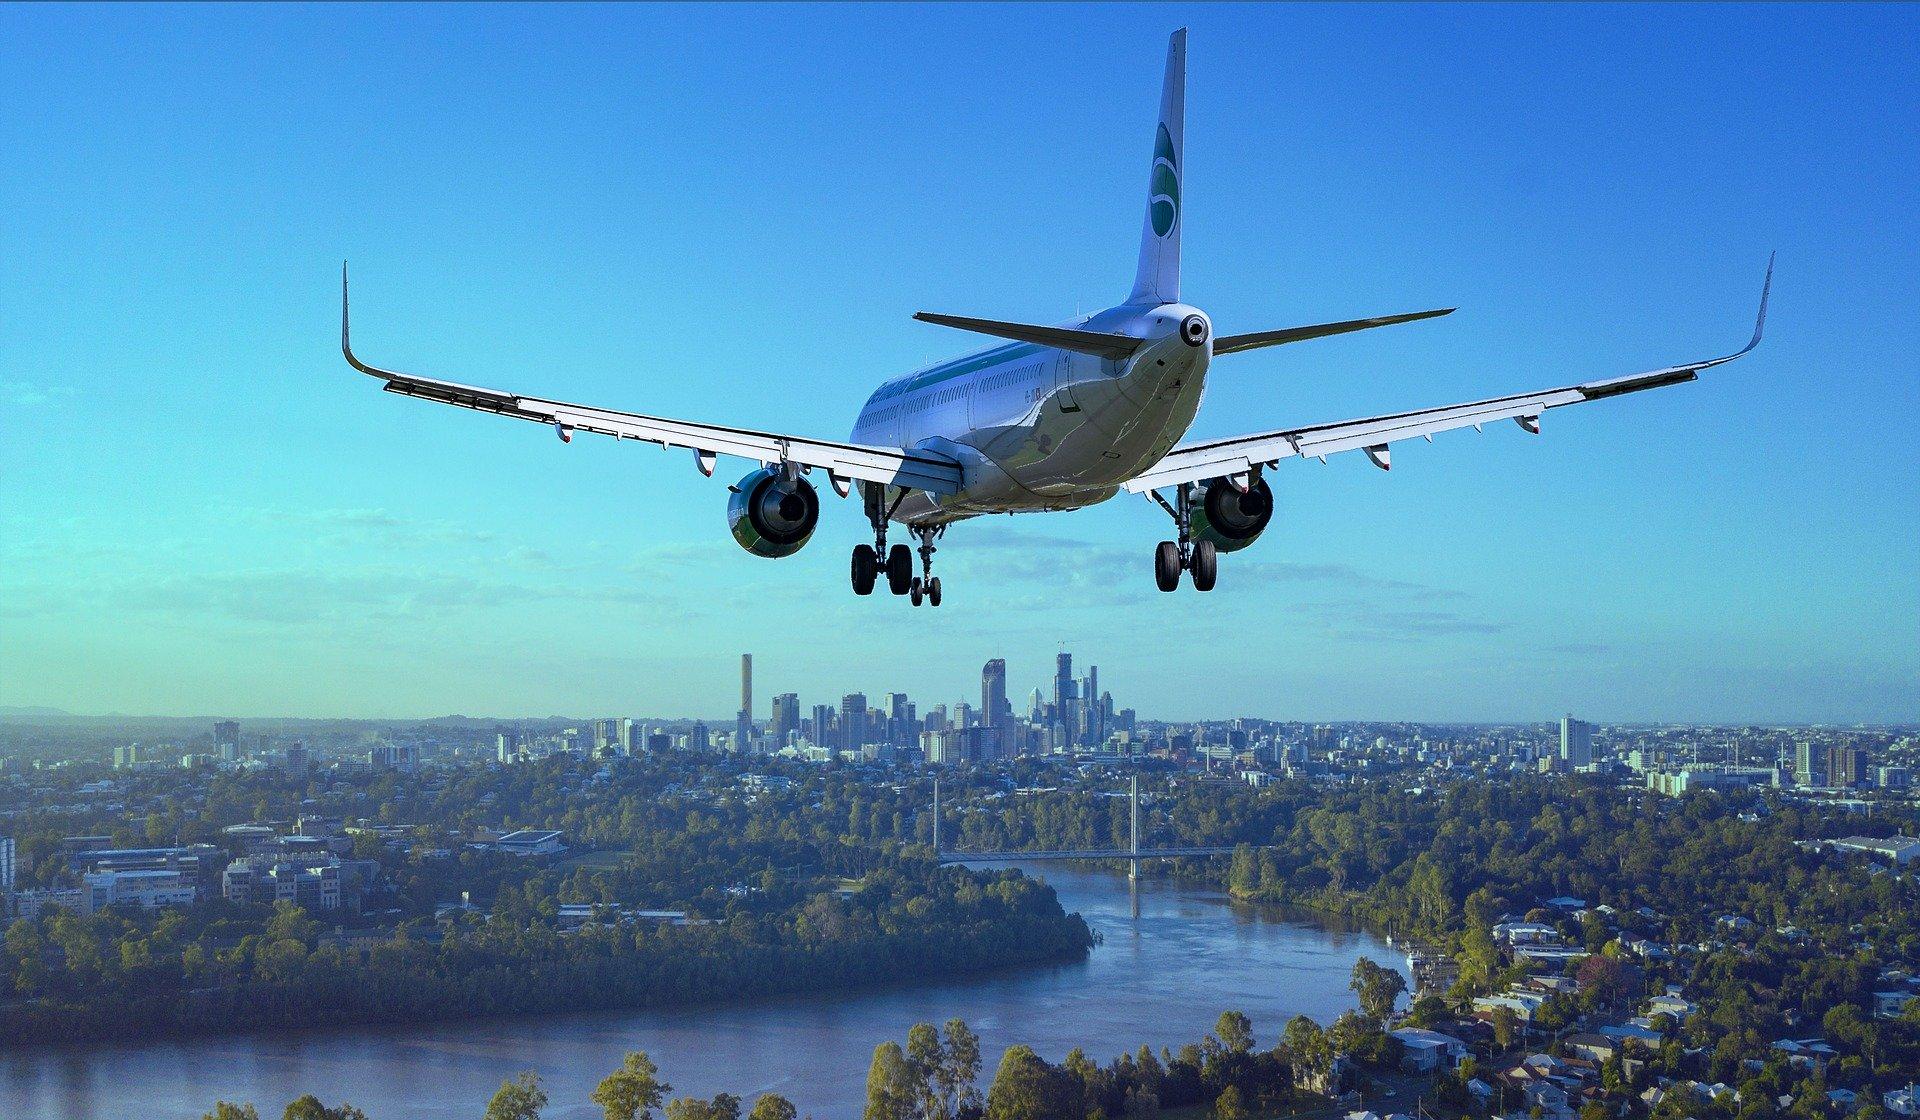 뉴욕 공항 단독 픽업 서비스 (한국인 기사)